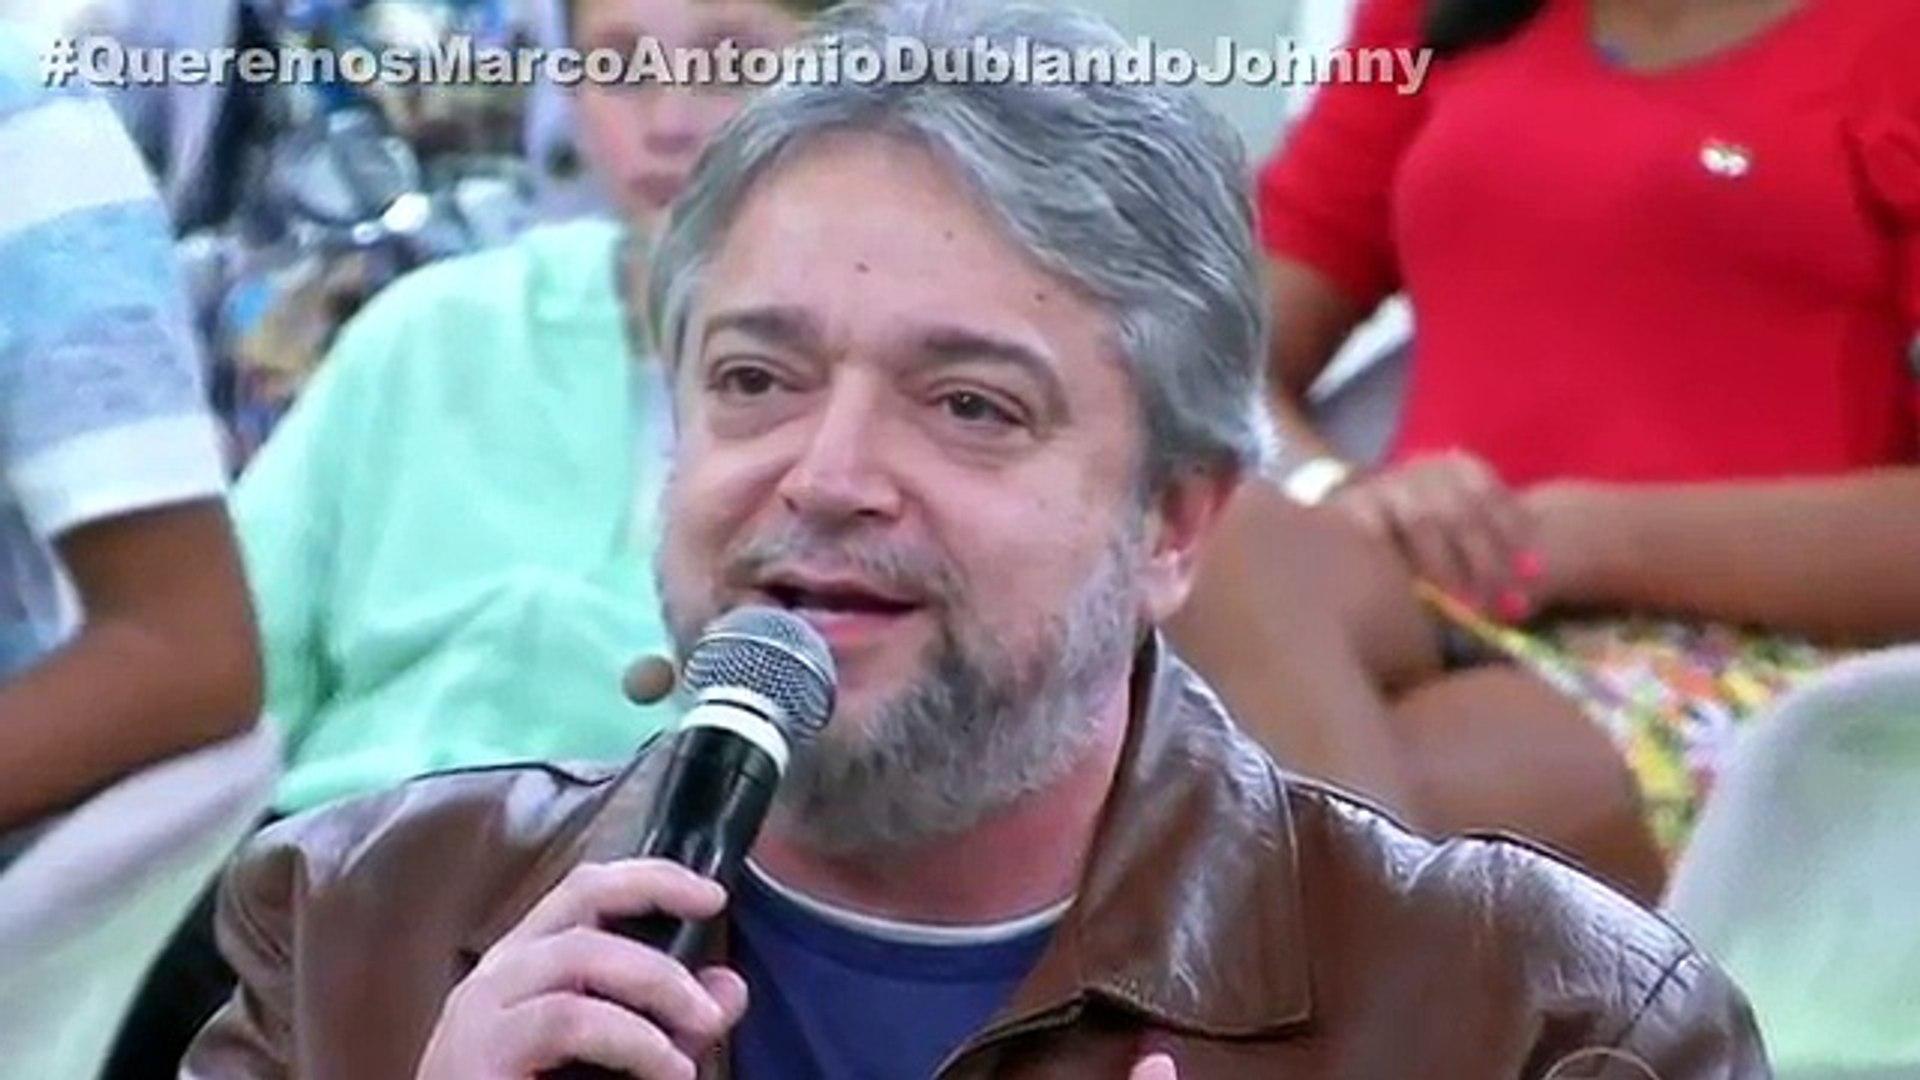 Disney TROCOU a voz de JACK SPARROW na DUBLAGEM? Queremos Marco Antônio!